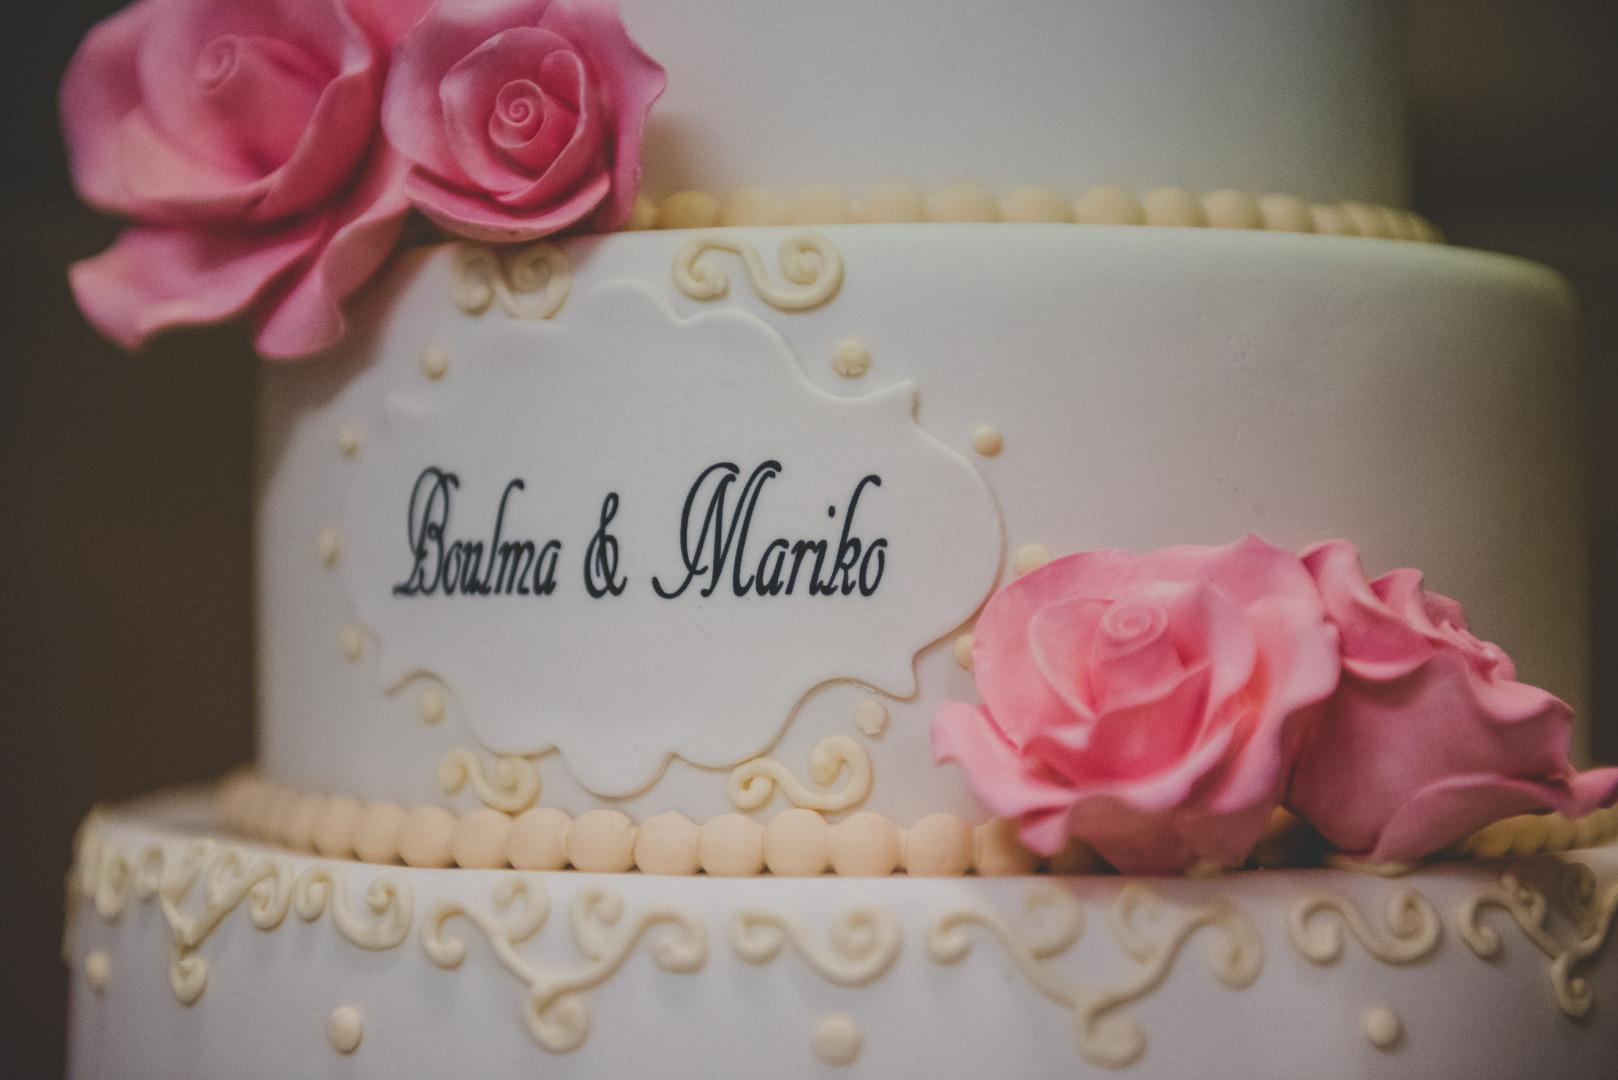 Wedding cake détails - Wedding planner La Dolce Vità, Château de Loubejac à Montauban